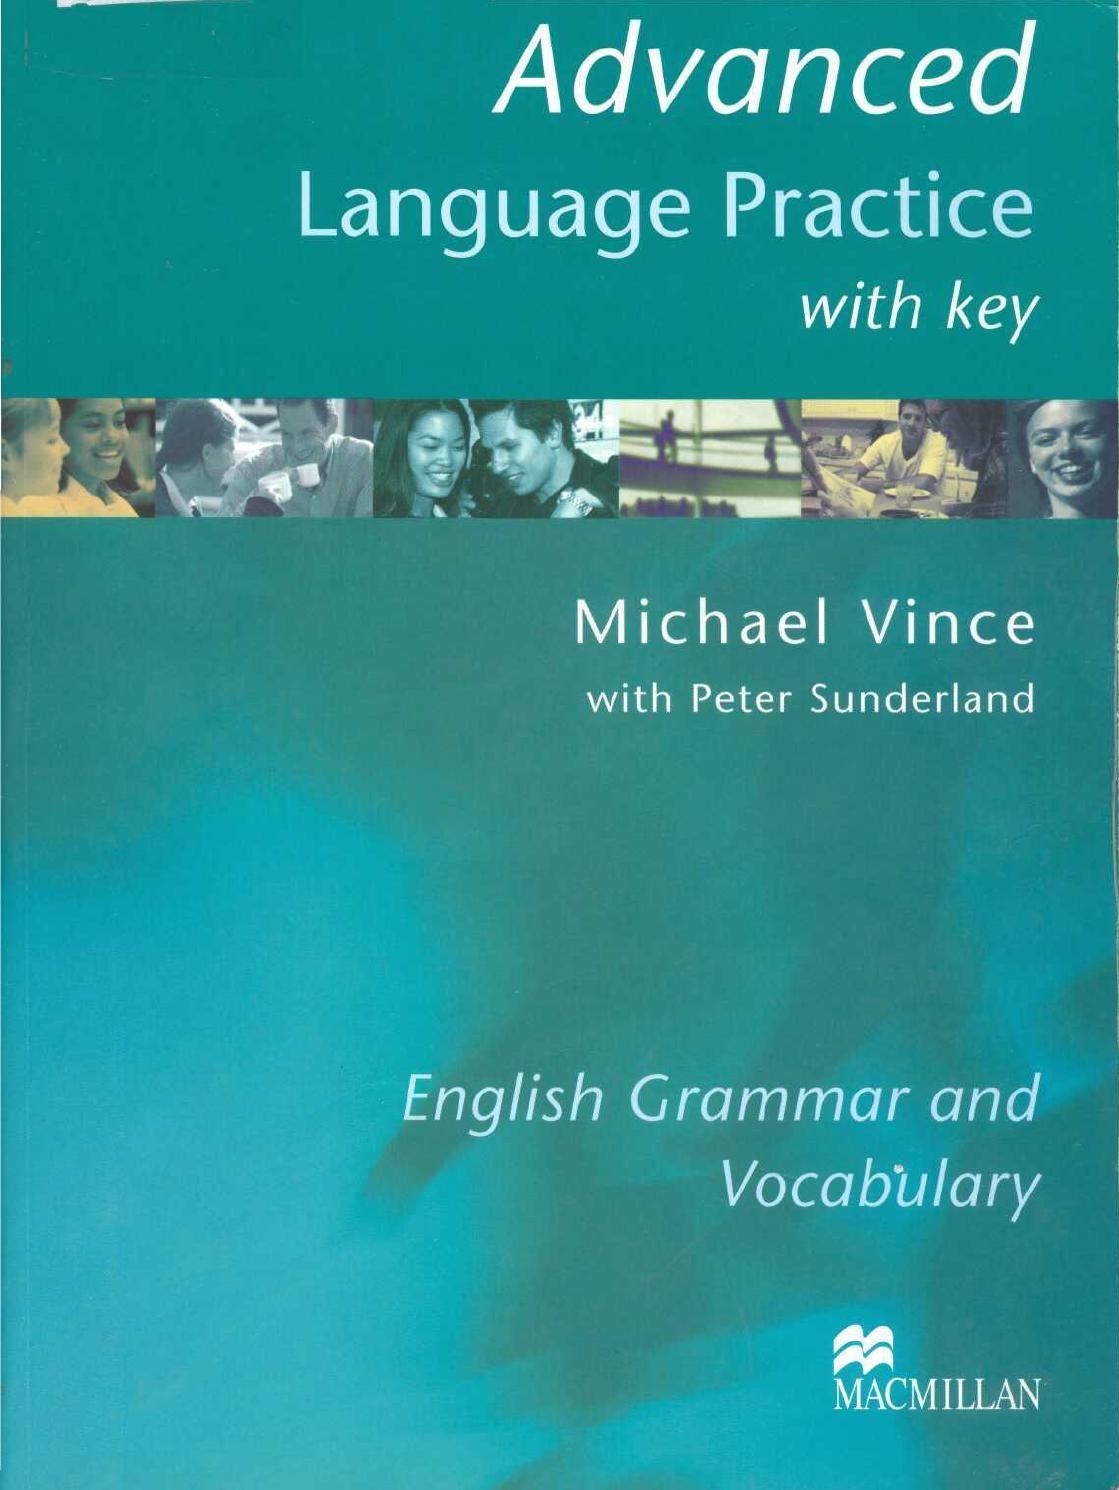 michael vince advanced language practice 2009 pdf